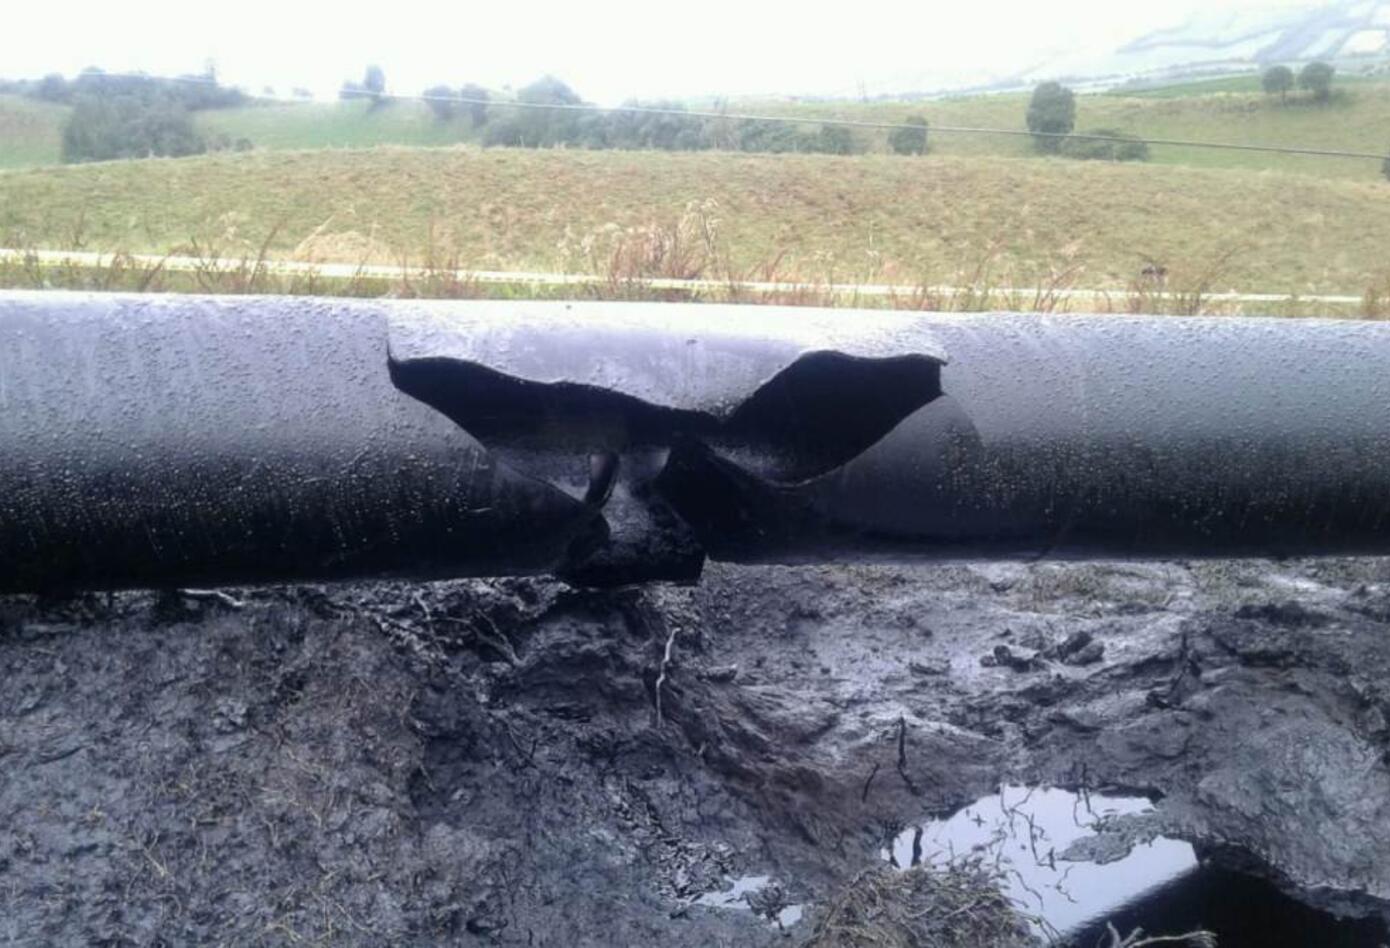 El Tubo sufrió ruptura por la explosión.